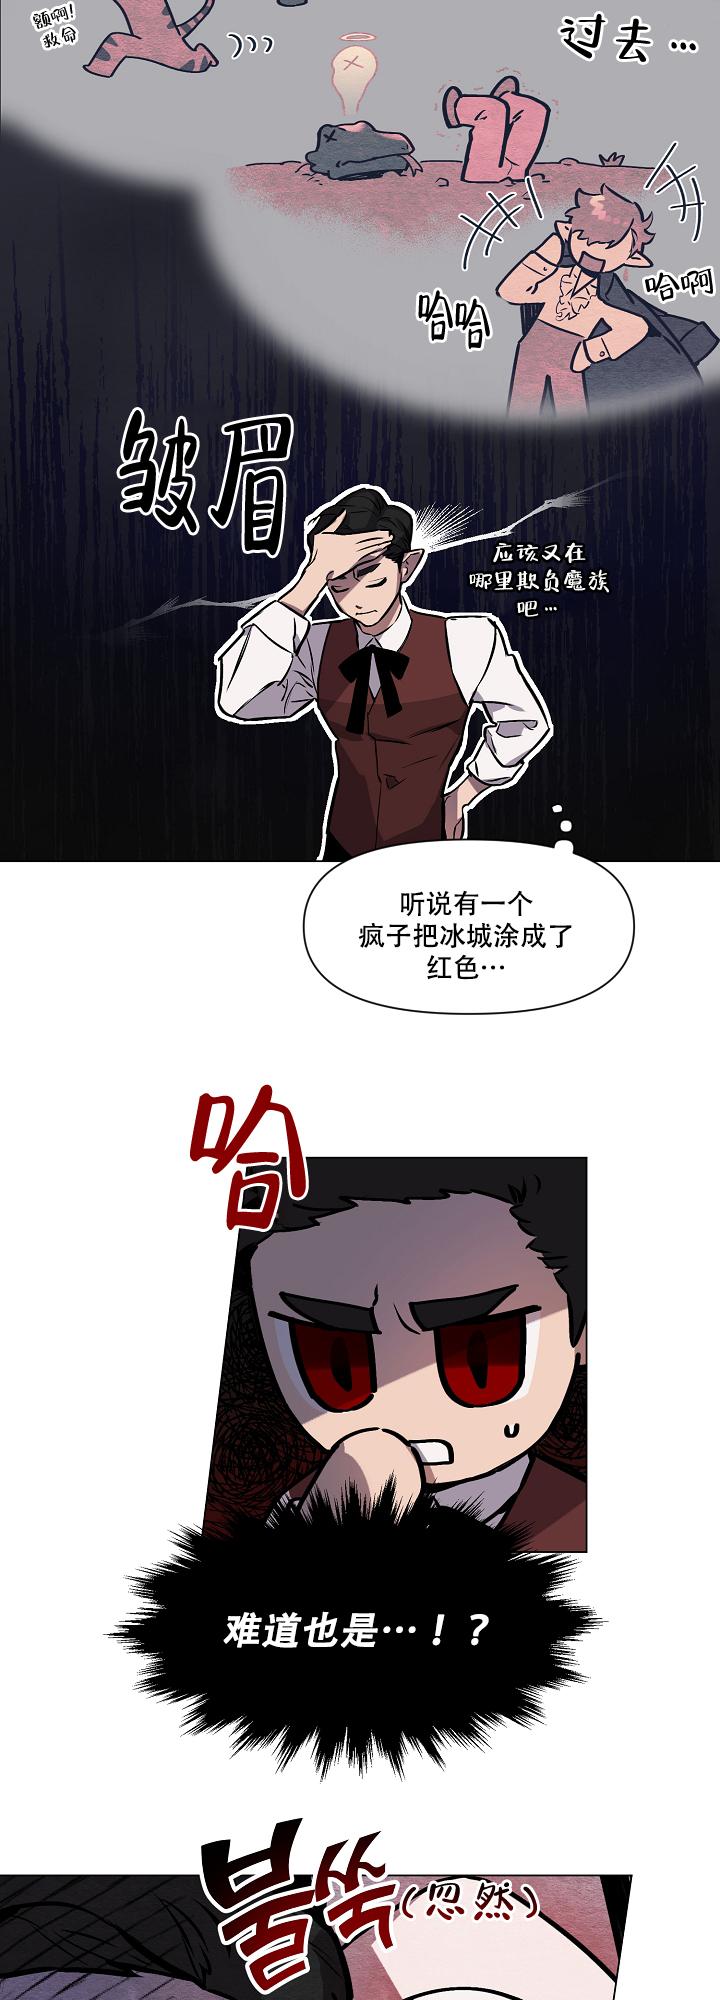 被月光噬咬-免费漫画完整版汉化_全文在线阅读-啵乐漫画